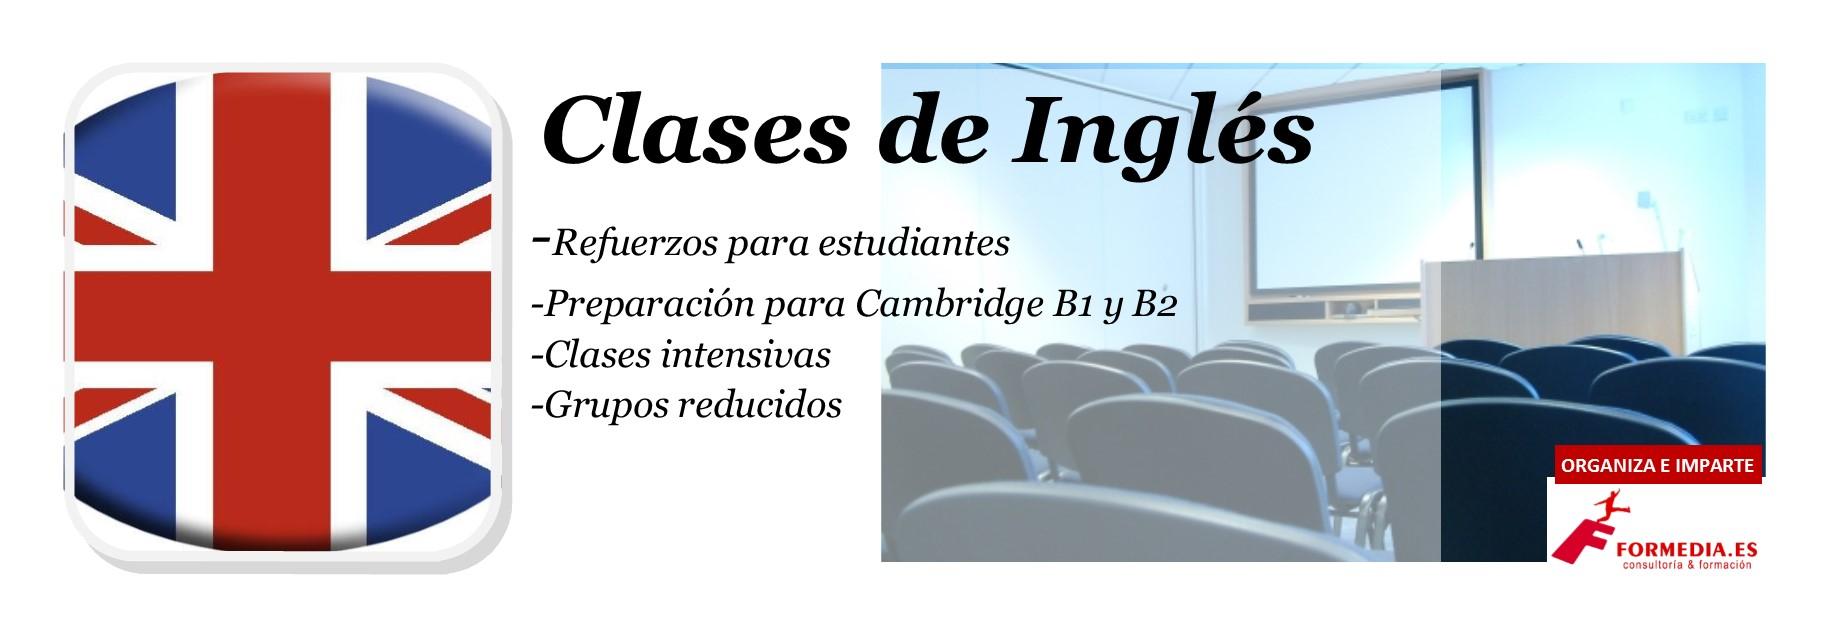 Slide-Clases-Ingles